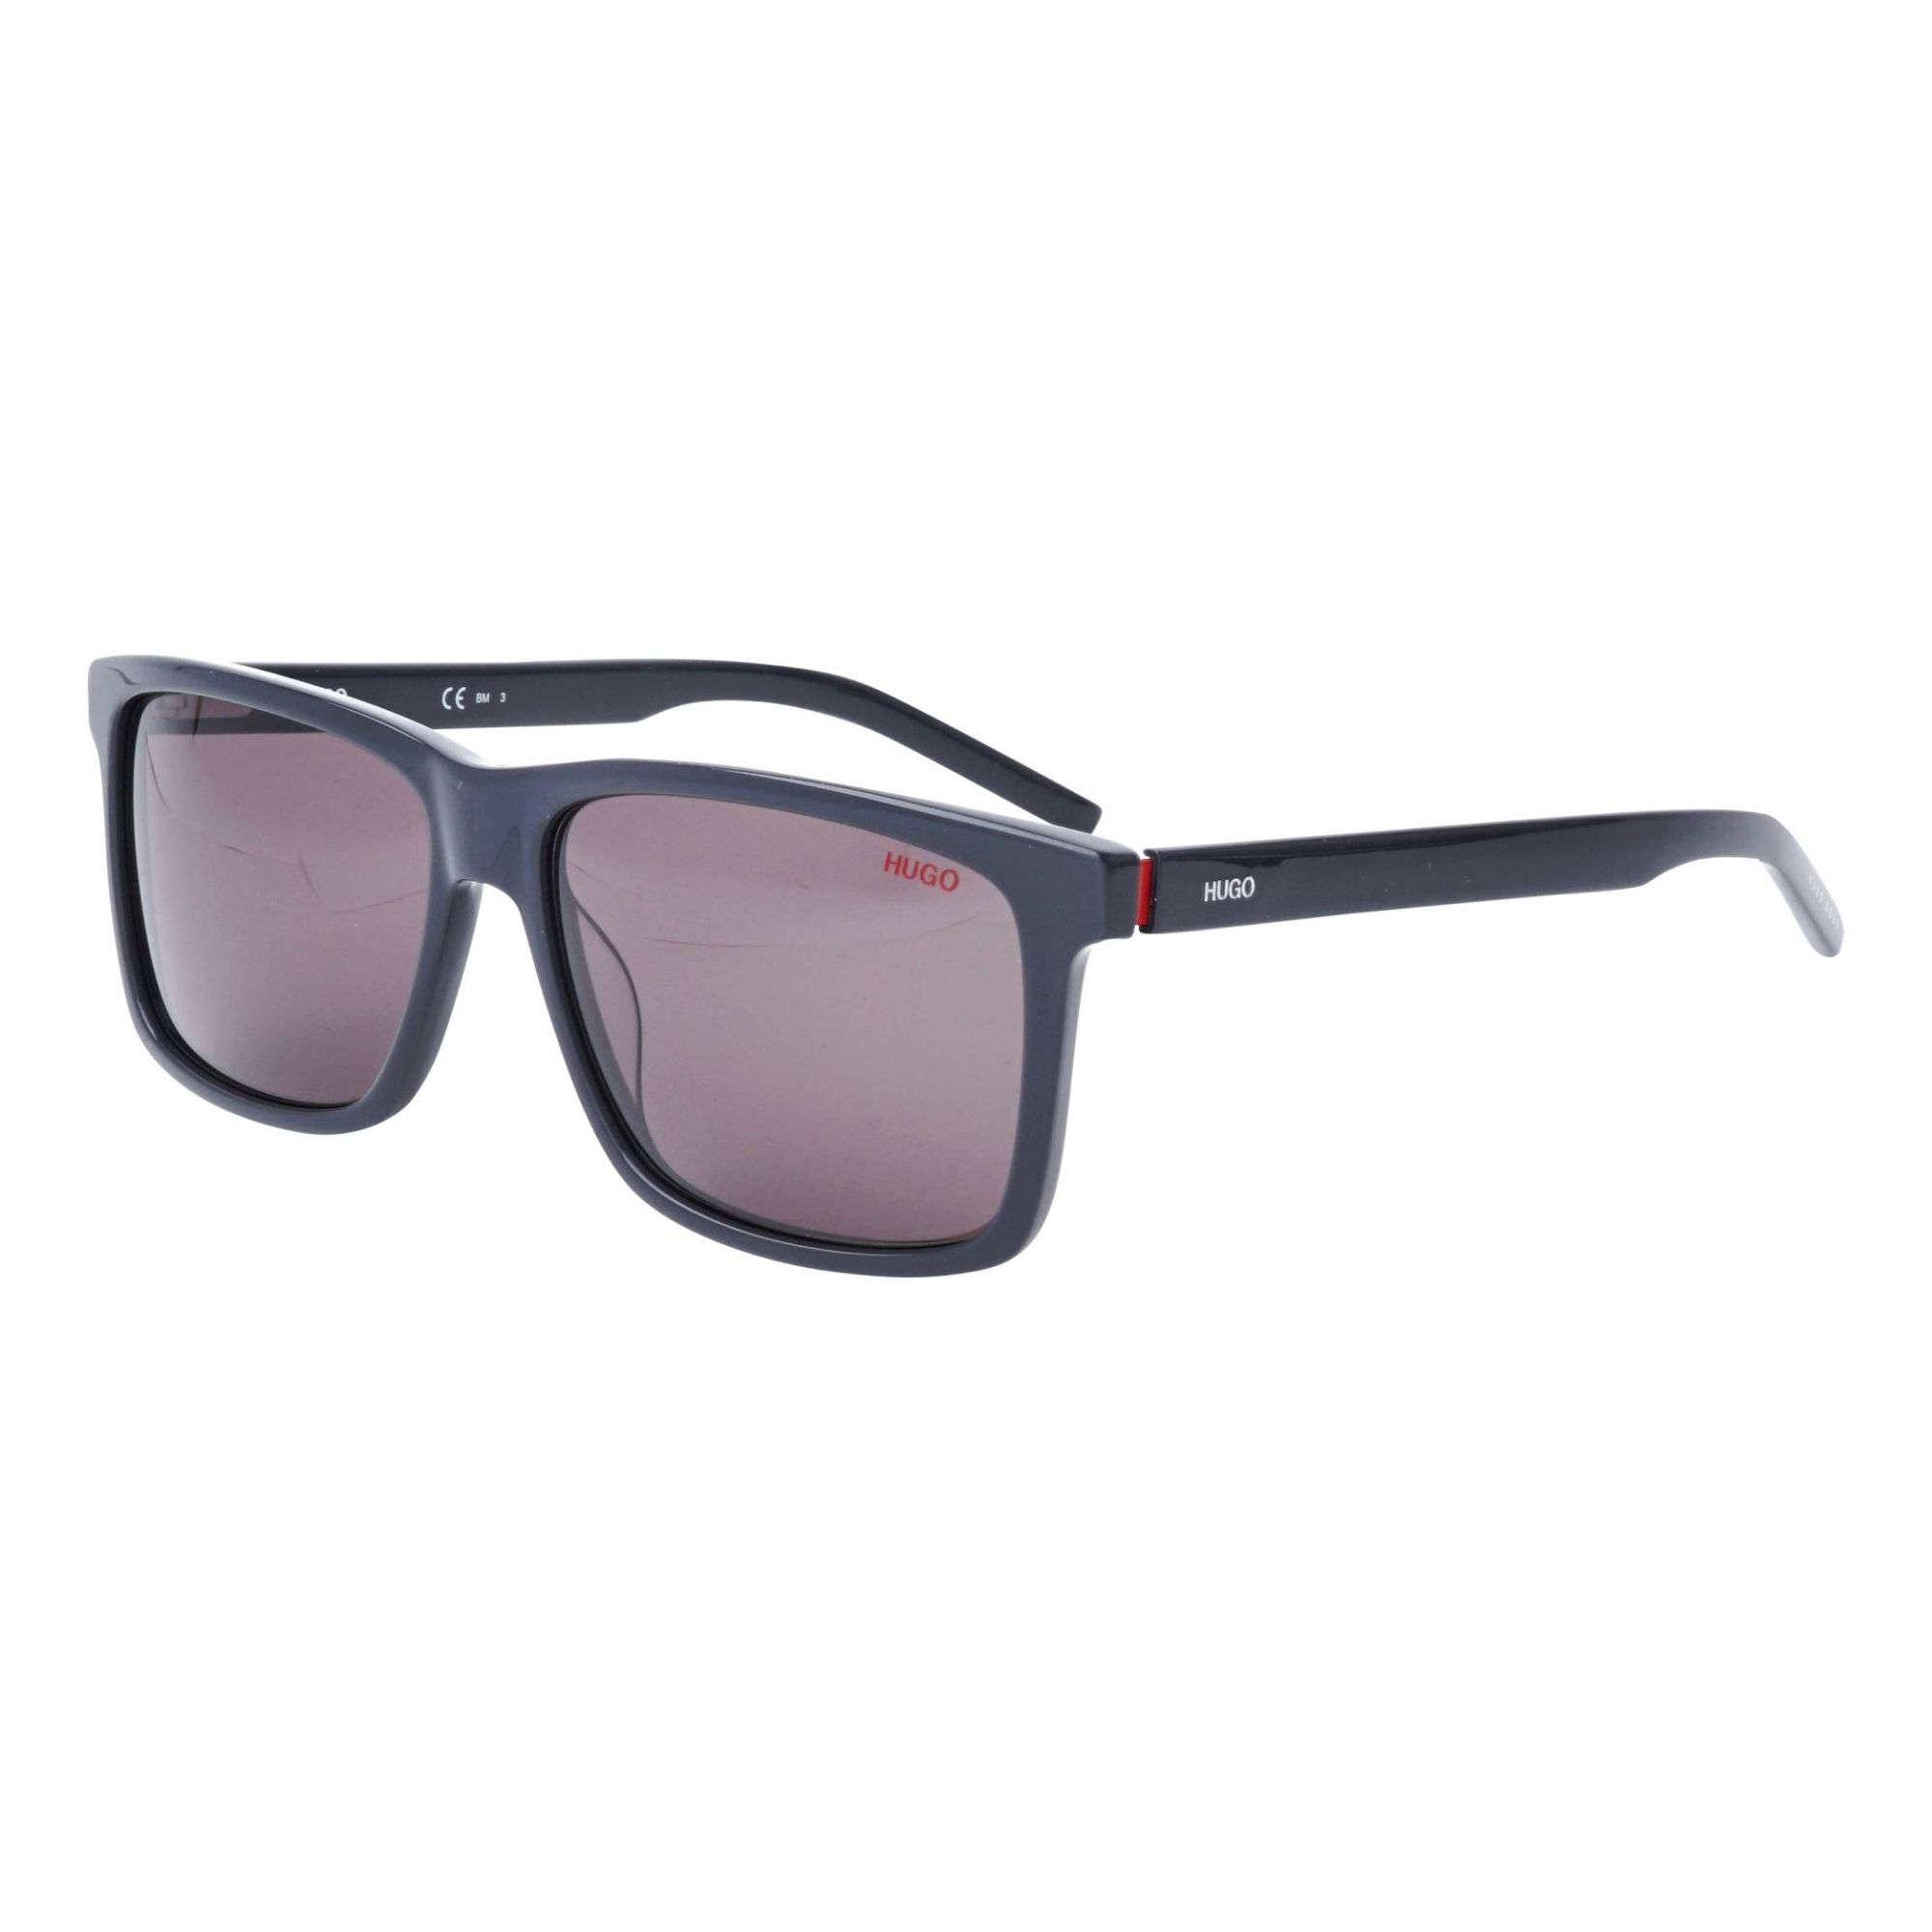 56edd91620c45 Óculos de Sol Hugo Boss HG1013 S KB7IR - Omega Ótica e Relojoaria